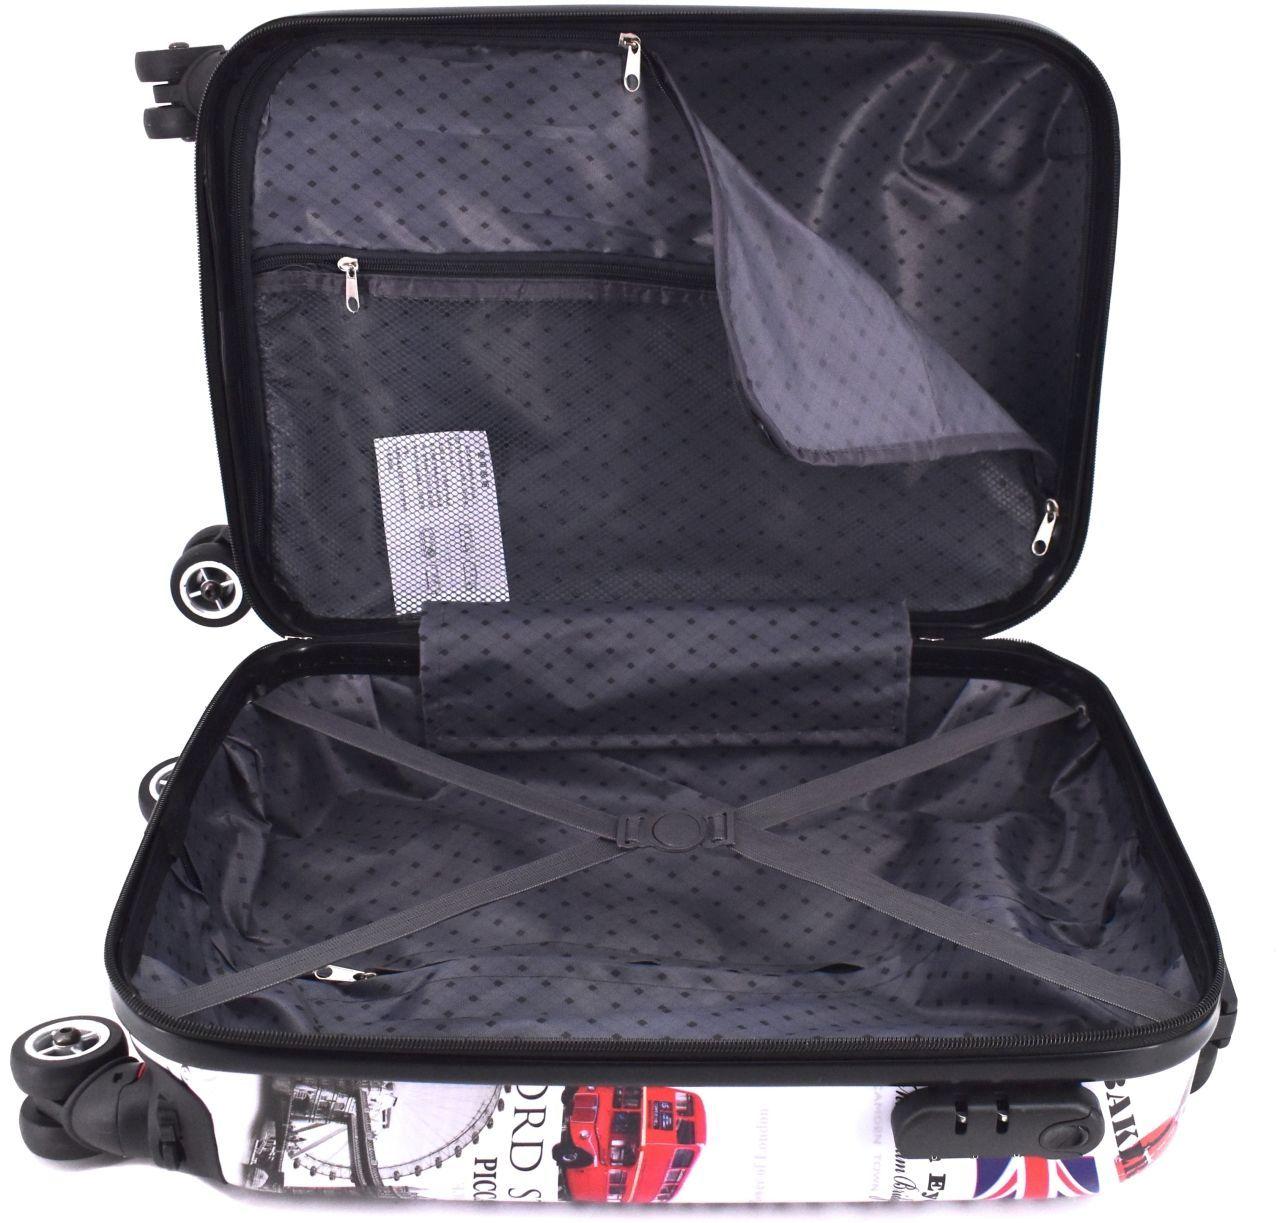 Cestovní palubní kufr skořepinový na čtyřech kolečkách Arteddy - Meter Flag 30l (XS)